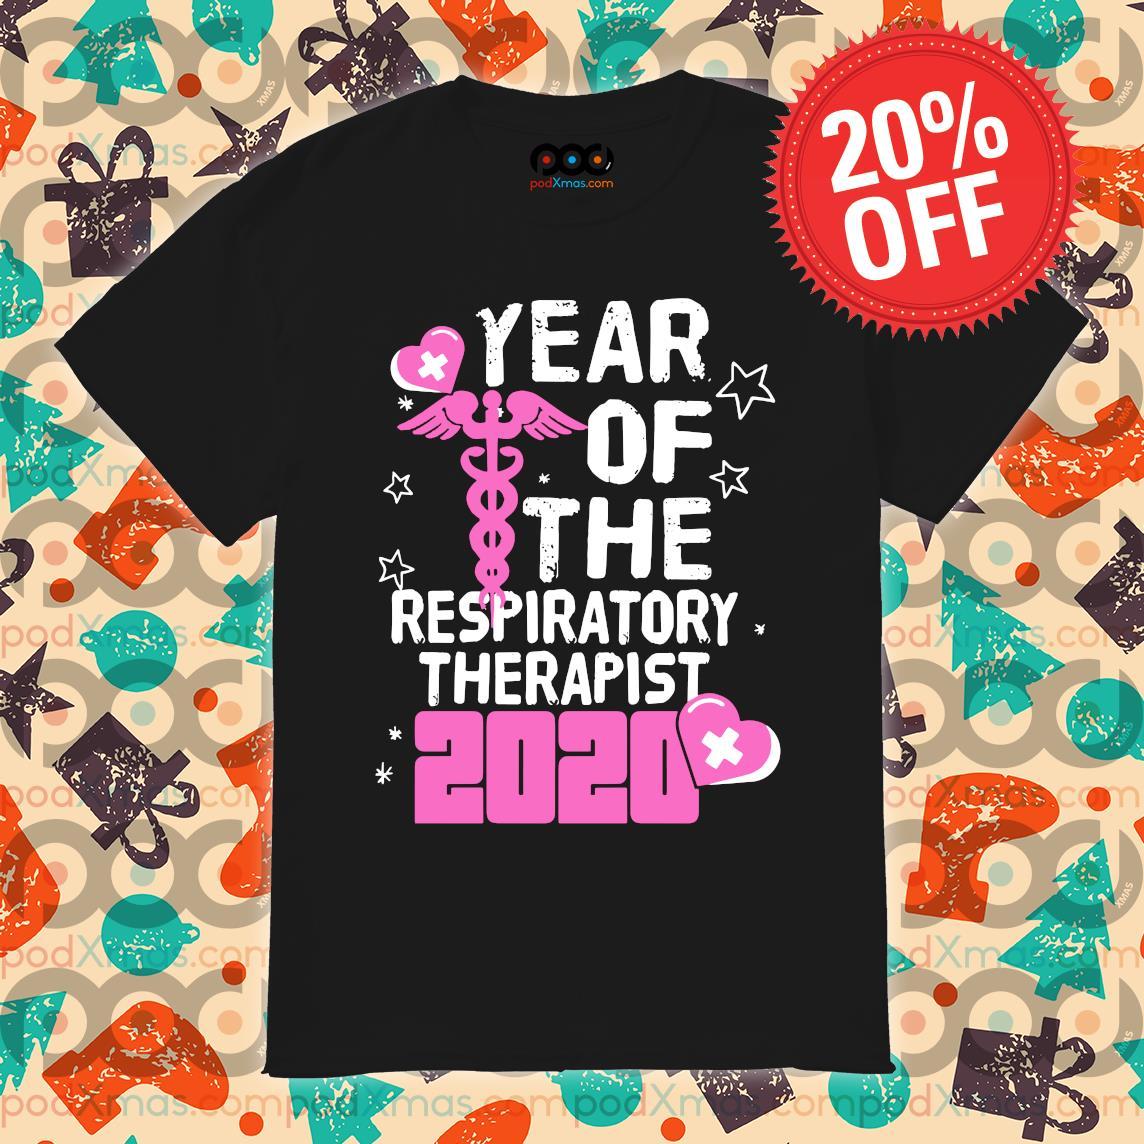 Year of the respiratory therapist 2020 shirt